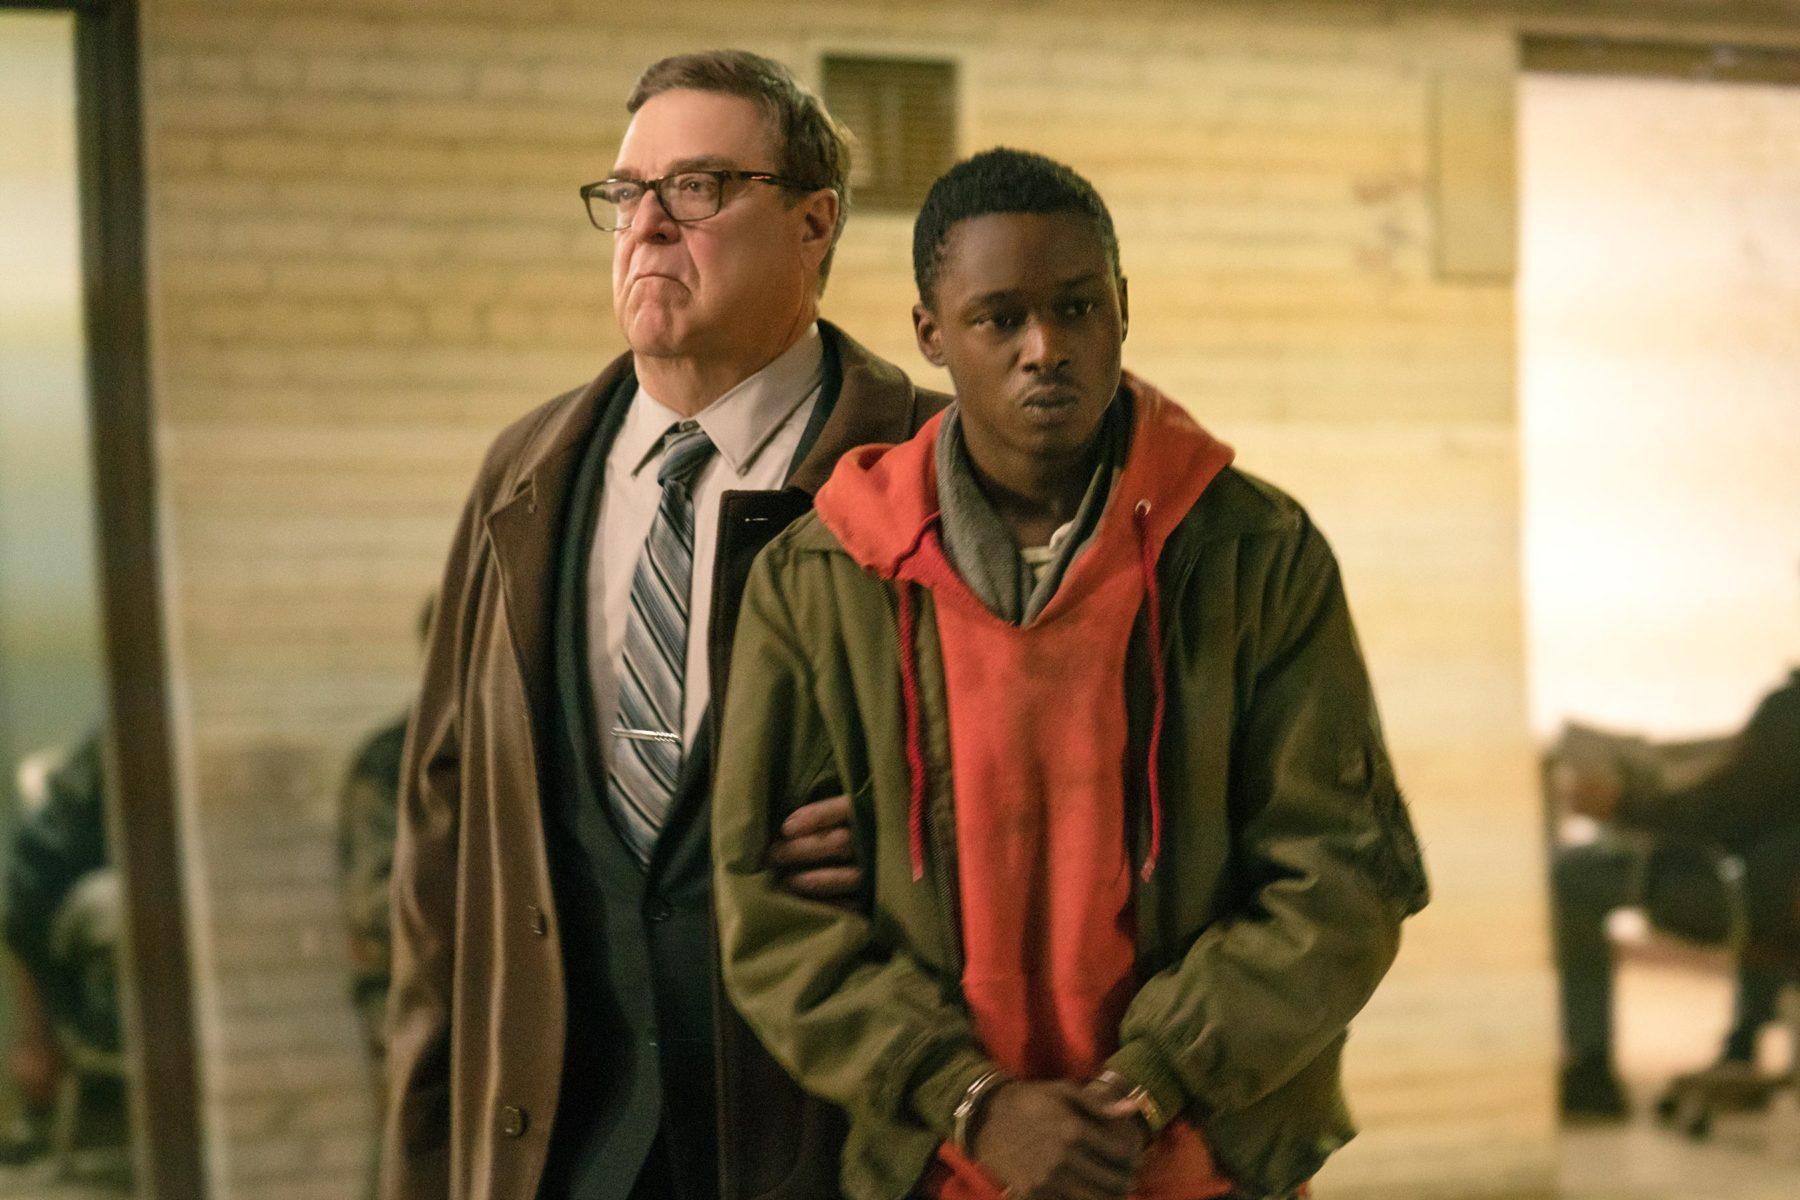 El thriller de ciencia ficción Captive State libera teaser tráiler con Vera Farmiga y John Goodman